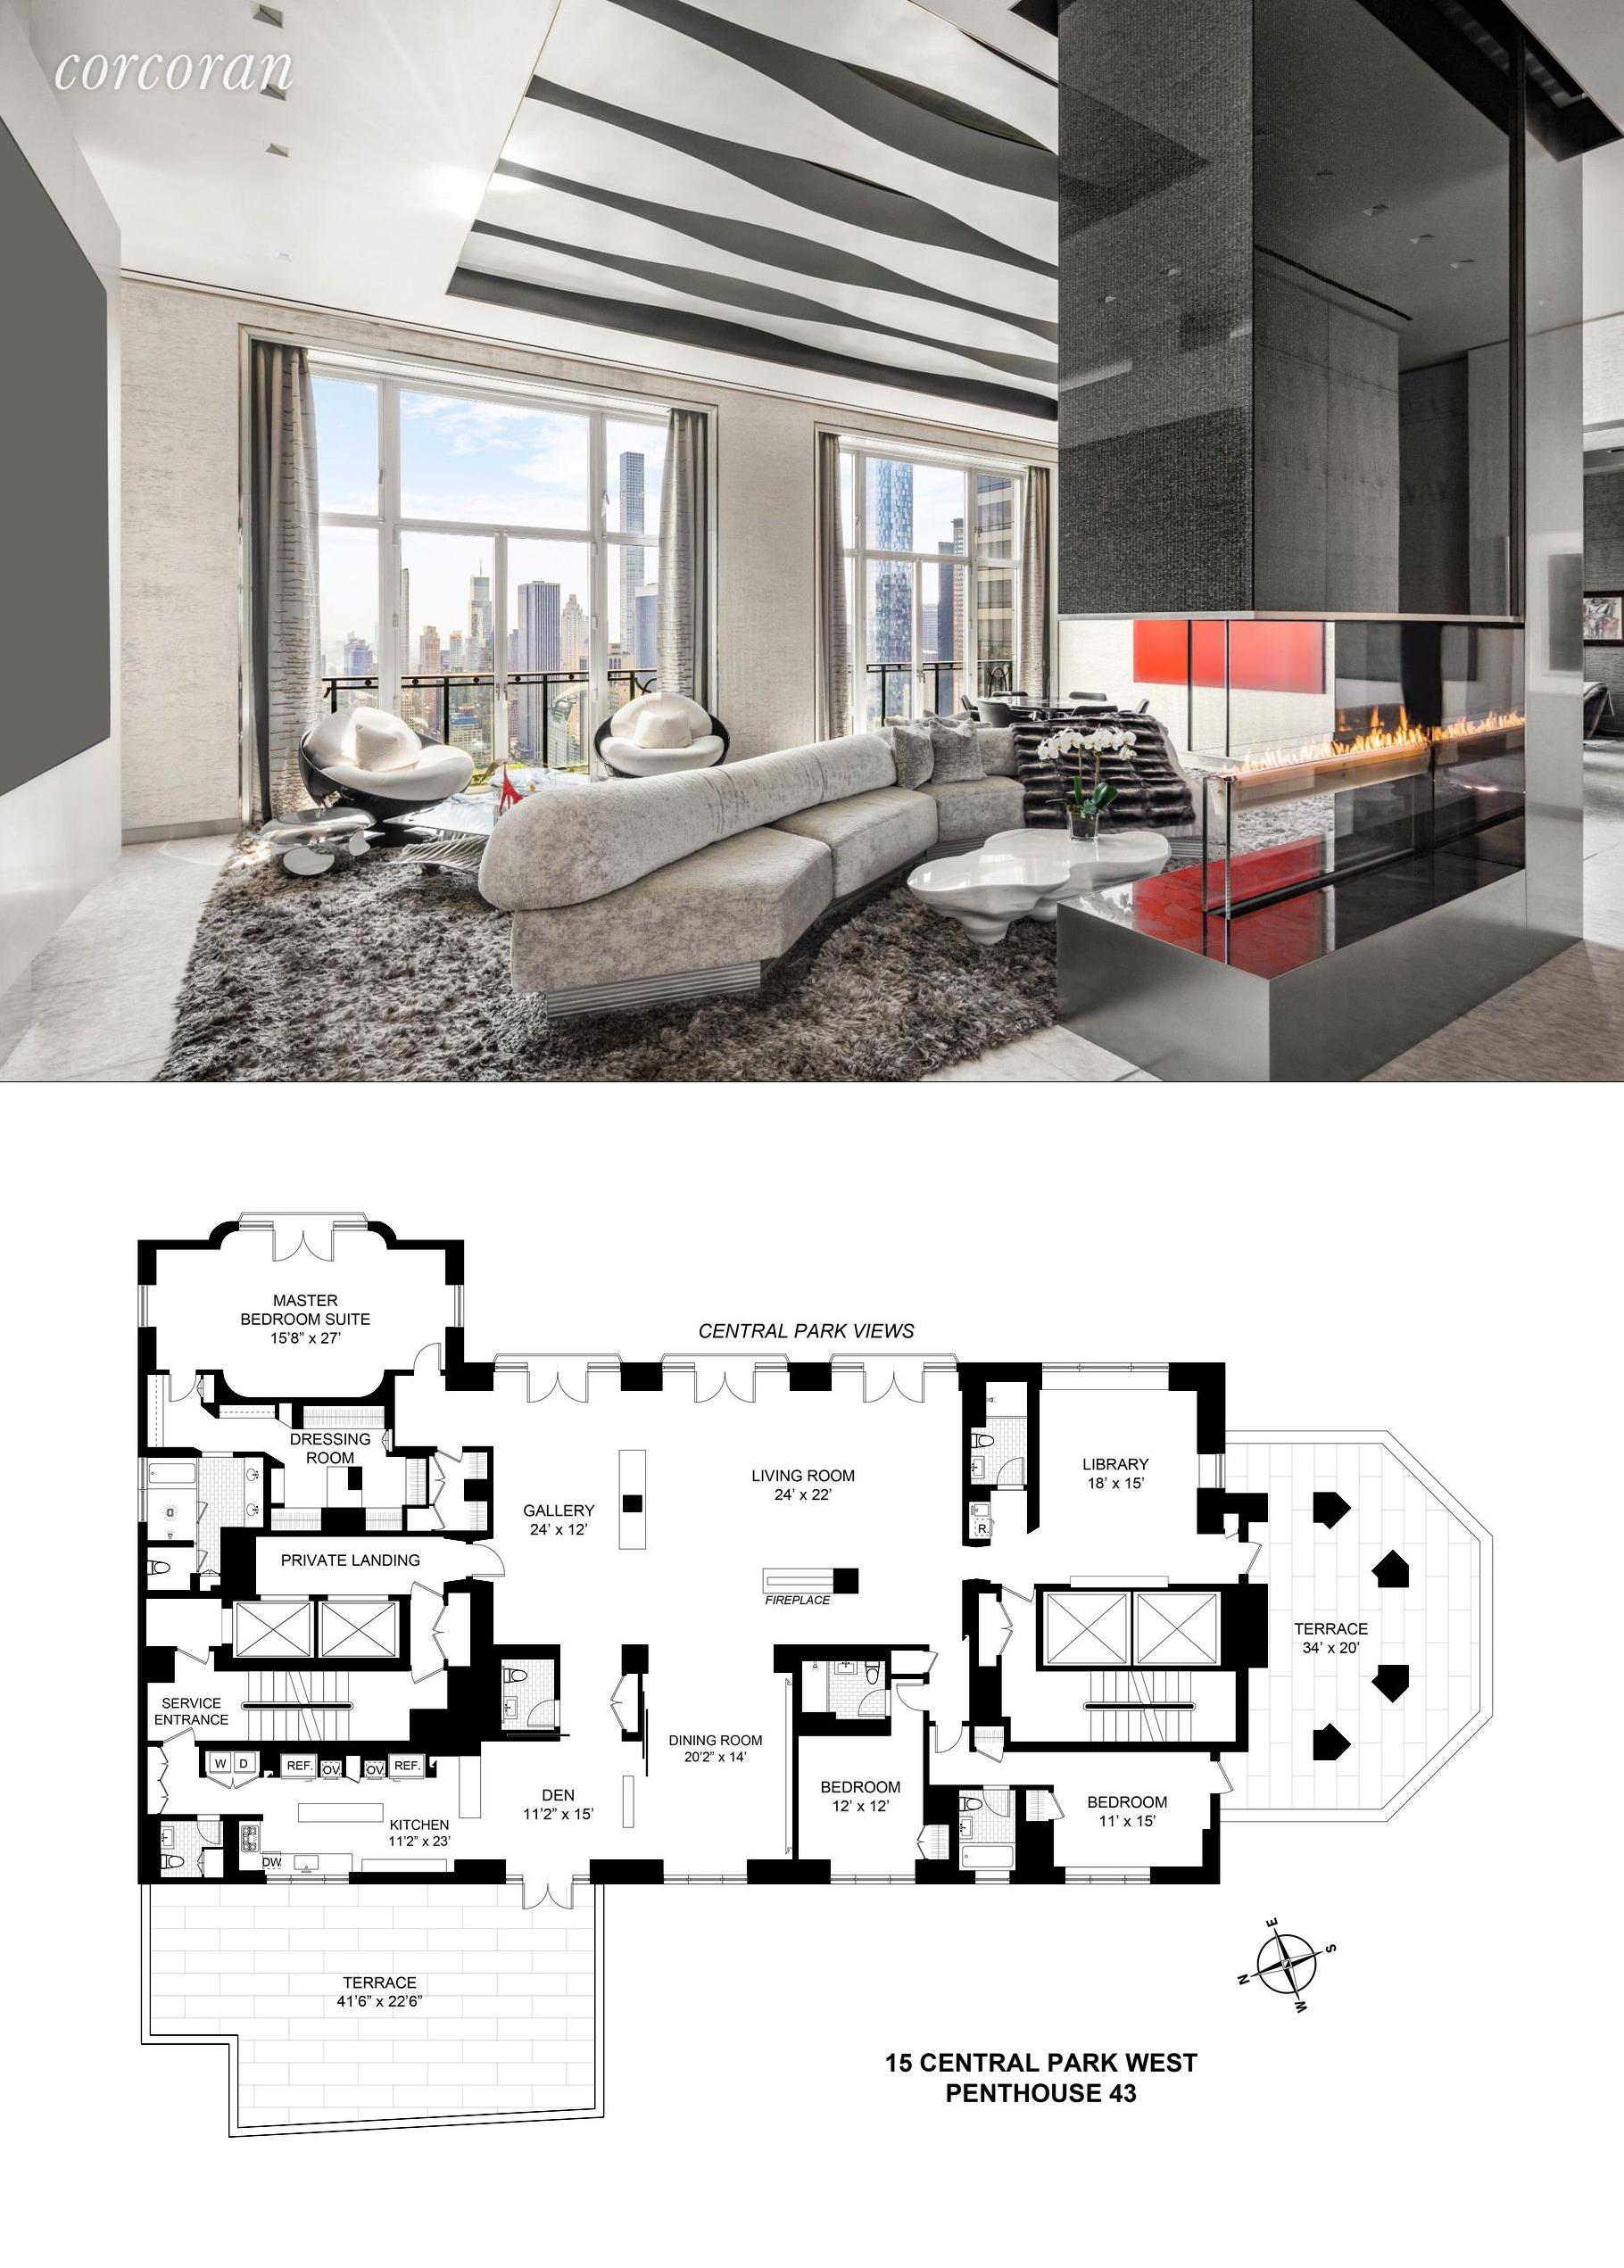 Billionaire S 15 Central Park West Penthouse Wants 57 5m Penthouse Apartment Floor Plan Apartment Floor Plans New York Apartments